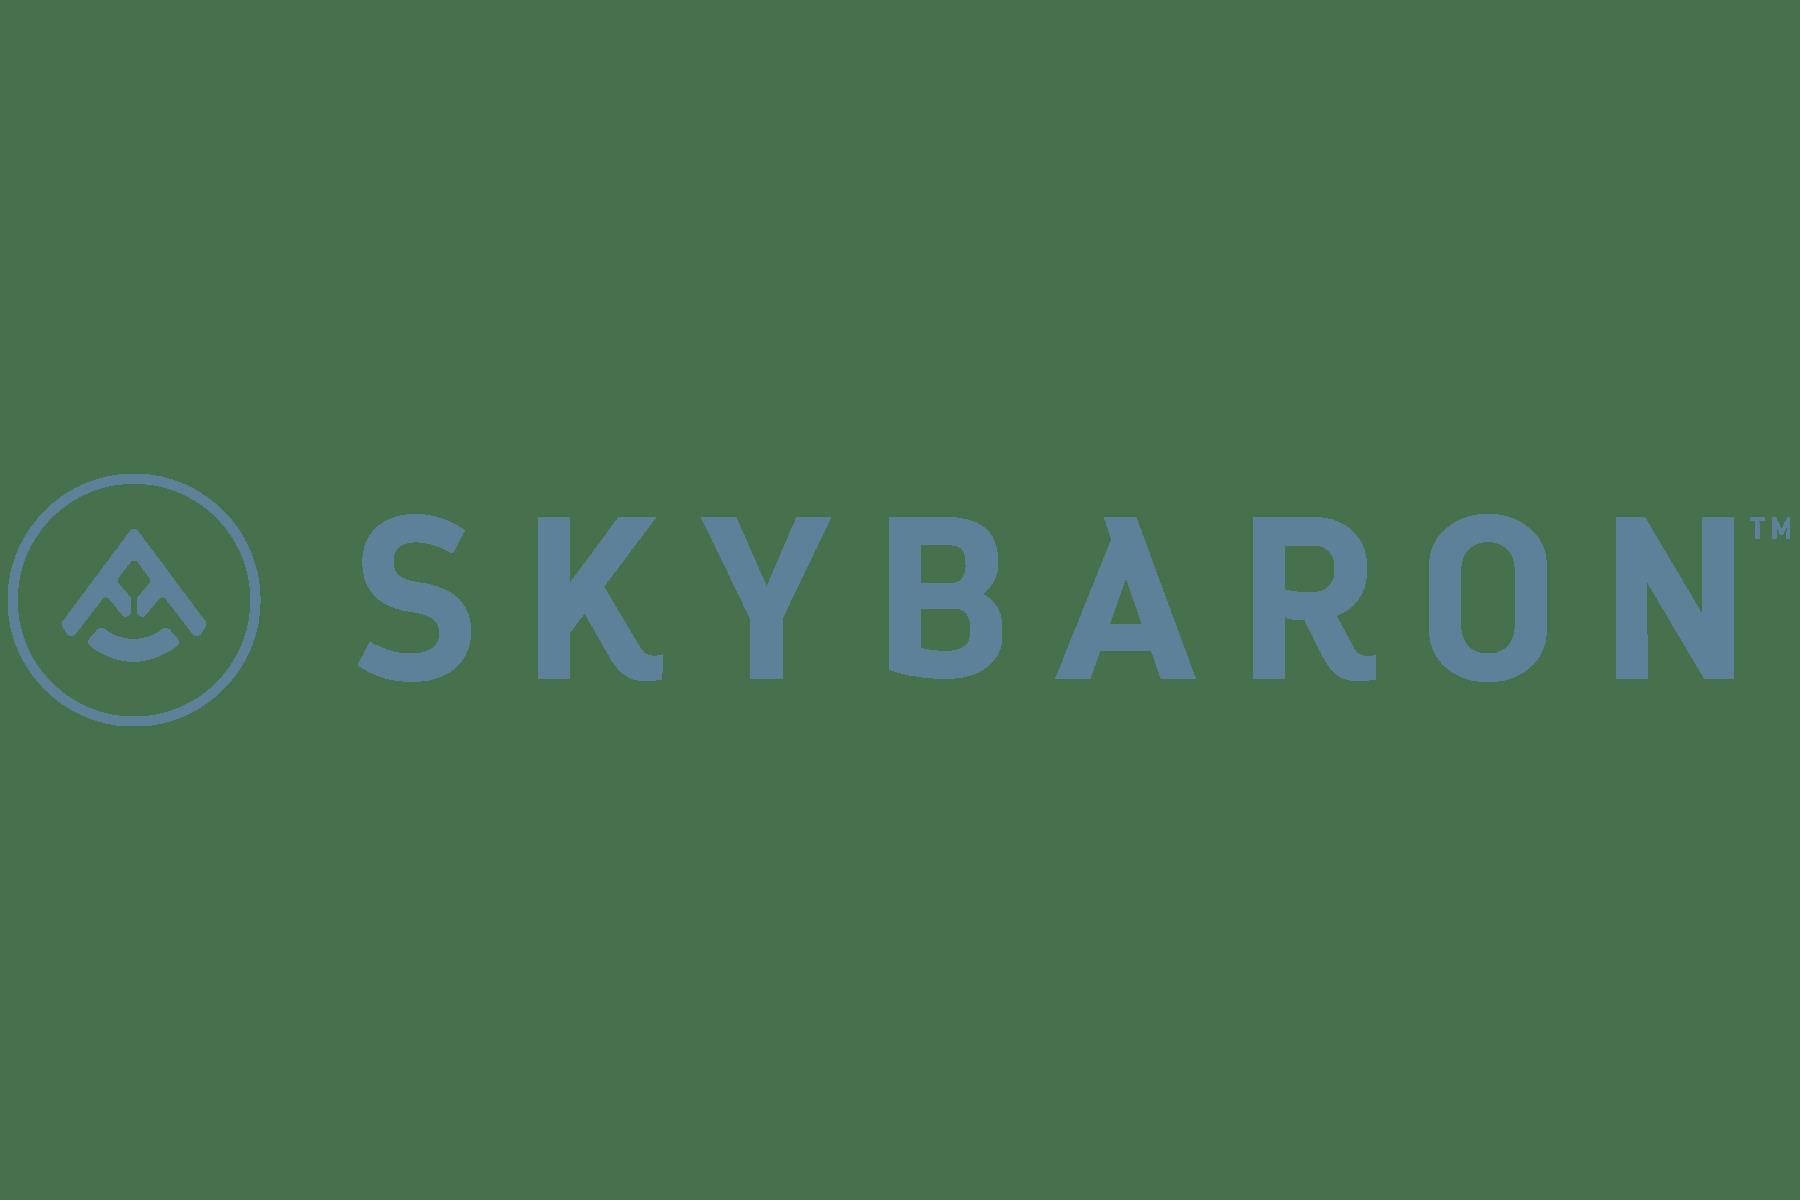 SkyBaron